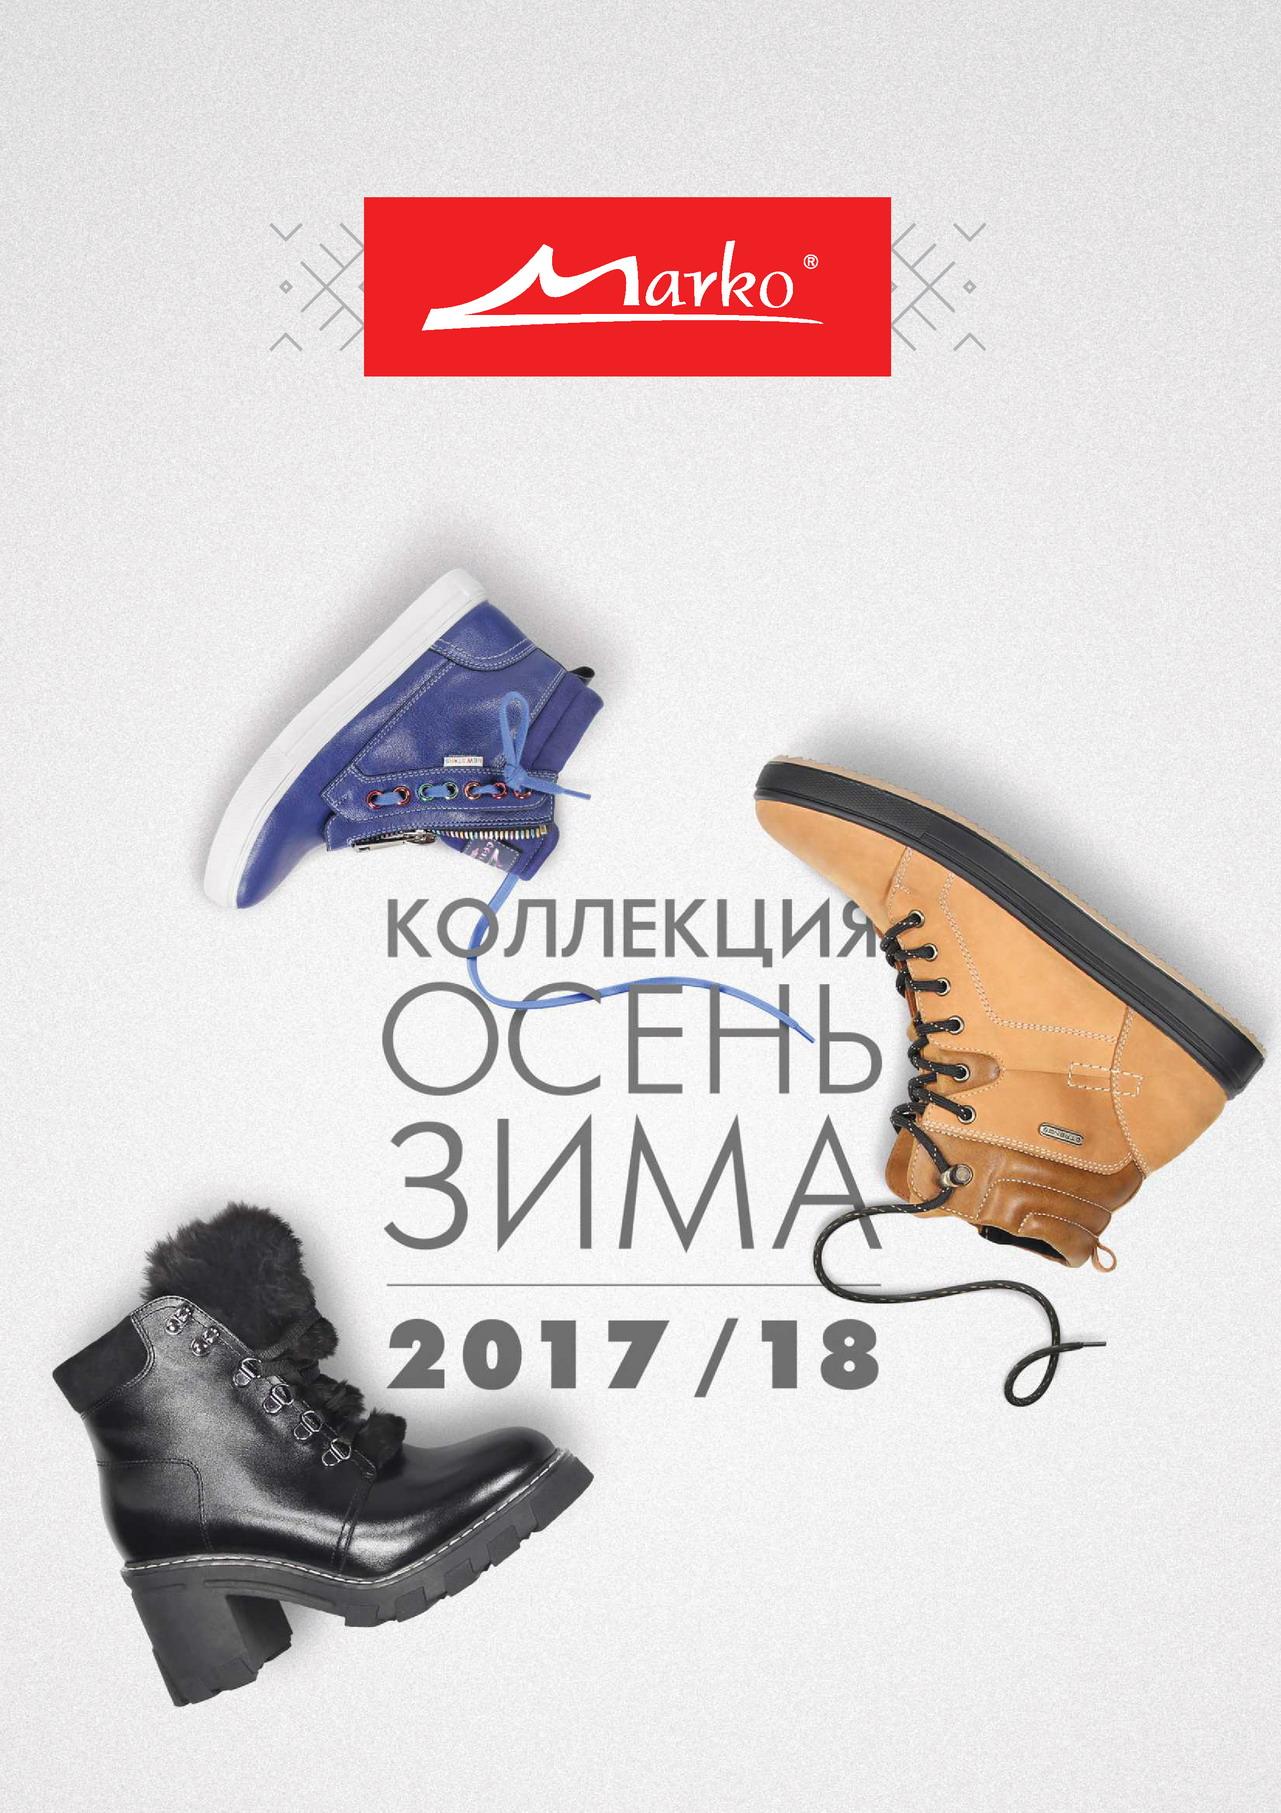 обувь оптом КАТАЛОГ МАРКО ОСЕНЬ-ЗИМА 2017/18